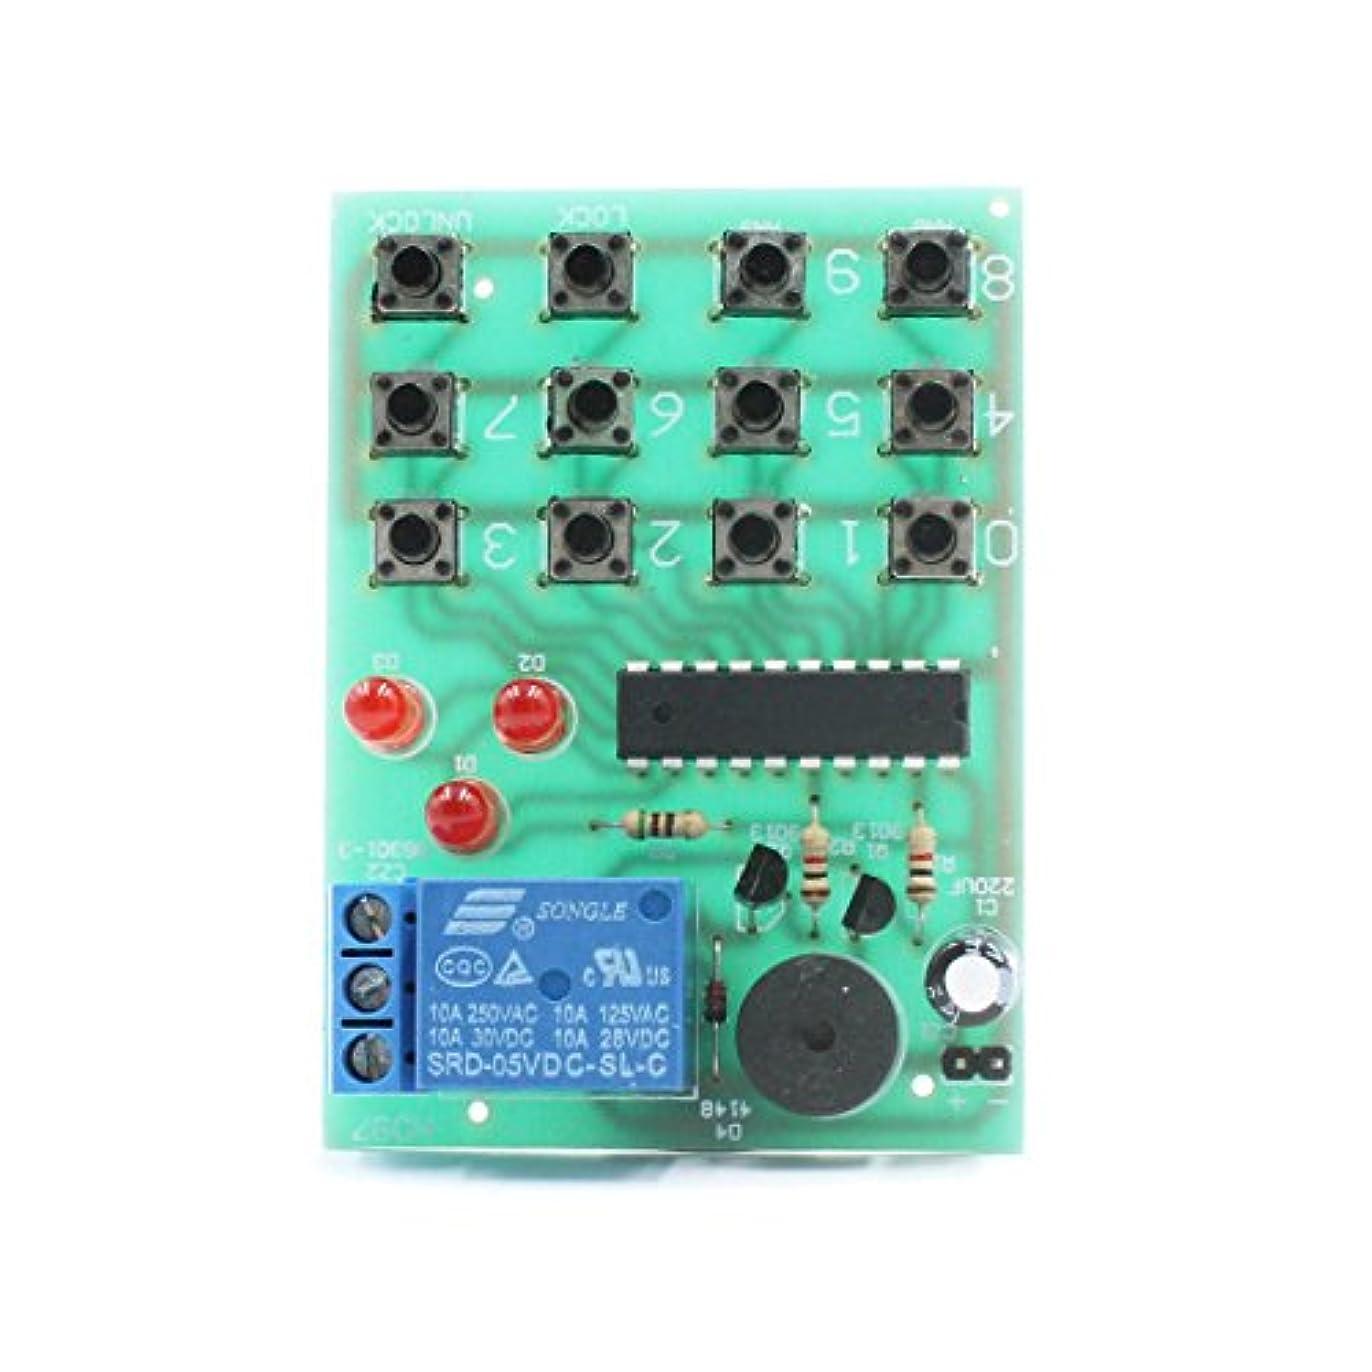 絶滅した集計吸収Arduino アクセサリー 電子パスワードロックモジュール - グリーン + ブラック